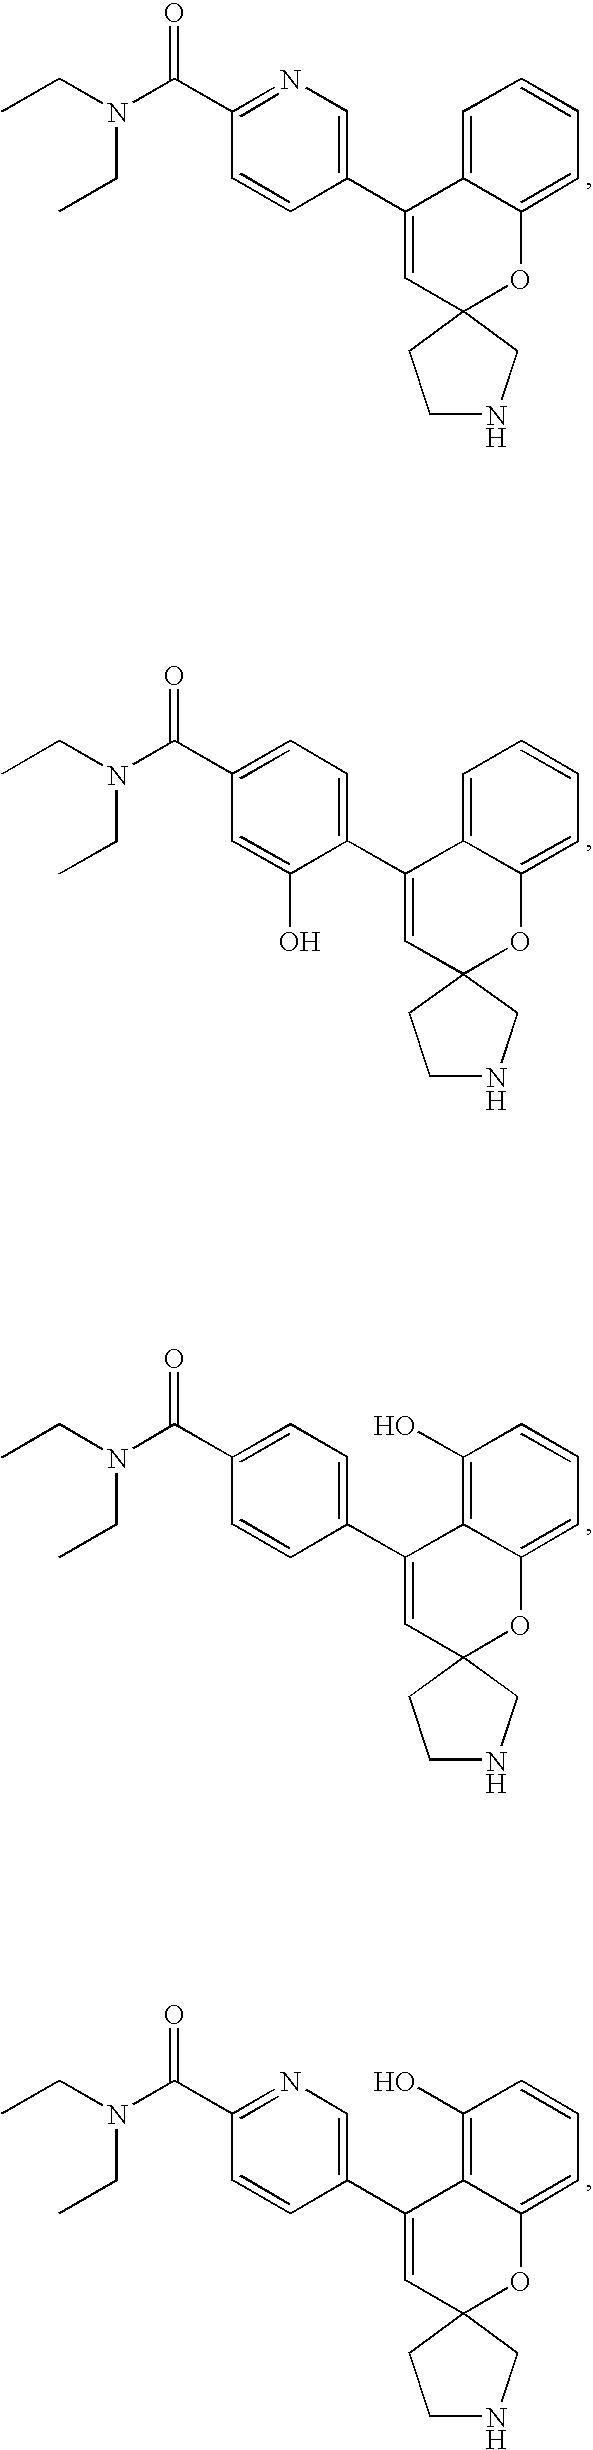 Figure US07598261-20091006-C00049